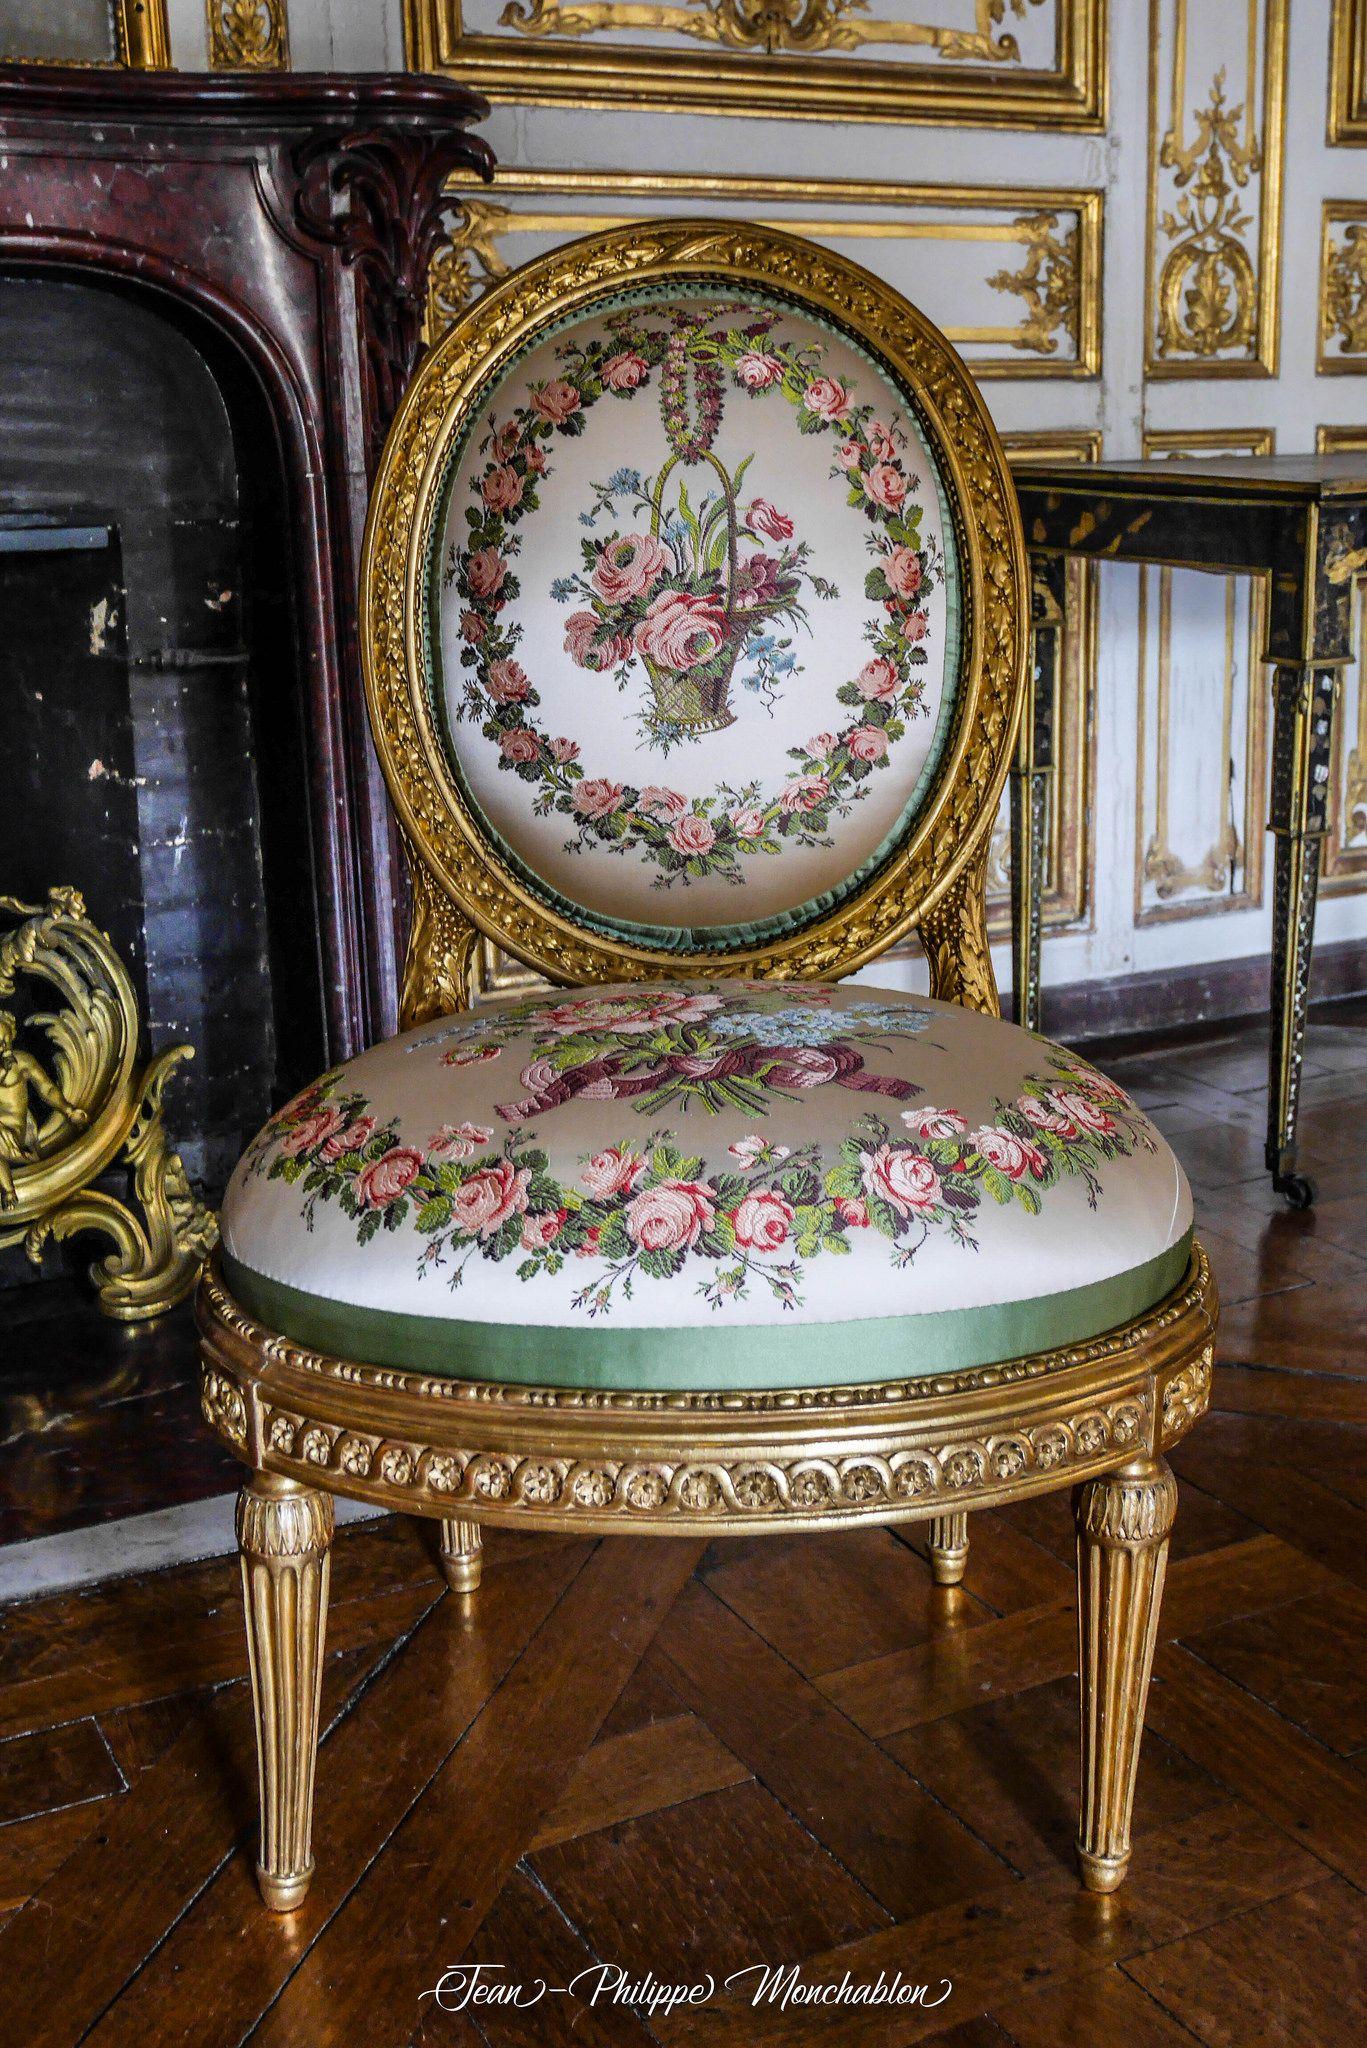 versailles chaise chateau de versailles pinterest bonne nuit les amis fauteuils et la. Black Bedroom Furniture Sets. Home Design Ideas